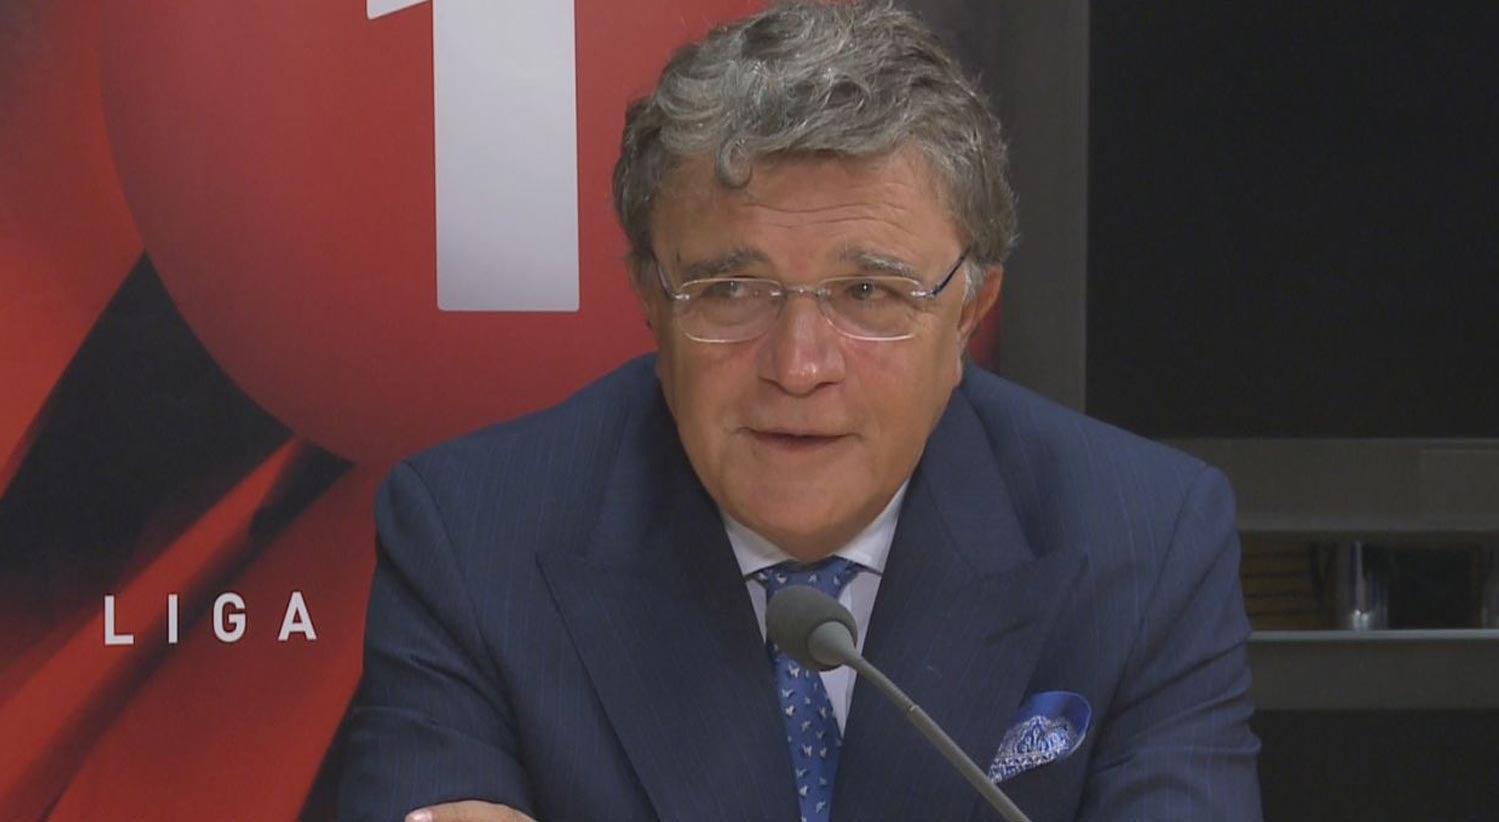 Alberto da Ponte, ex-presidente da RTP, morreu aos 64 anos